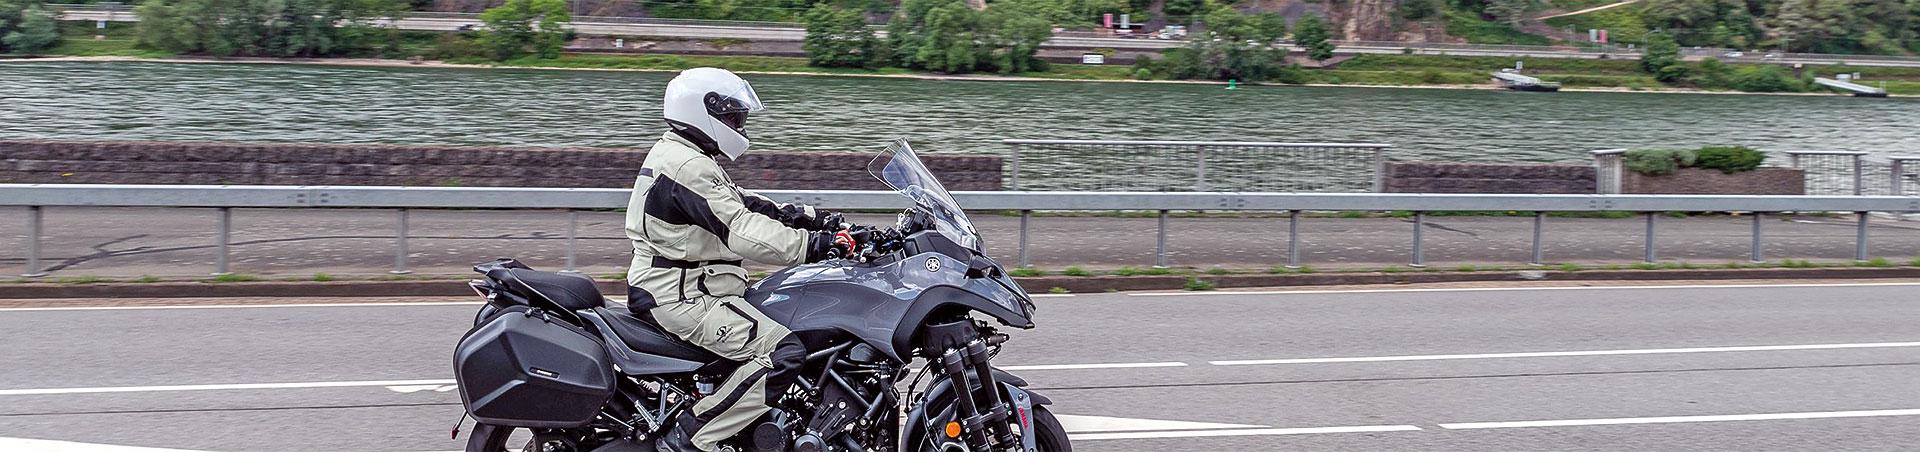 Titelbild-Yamaha-Niken-GT-am-Rhein_25-09-2020_e3744